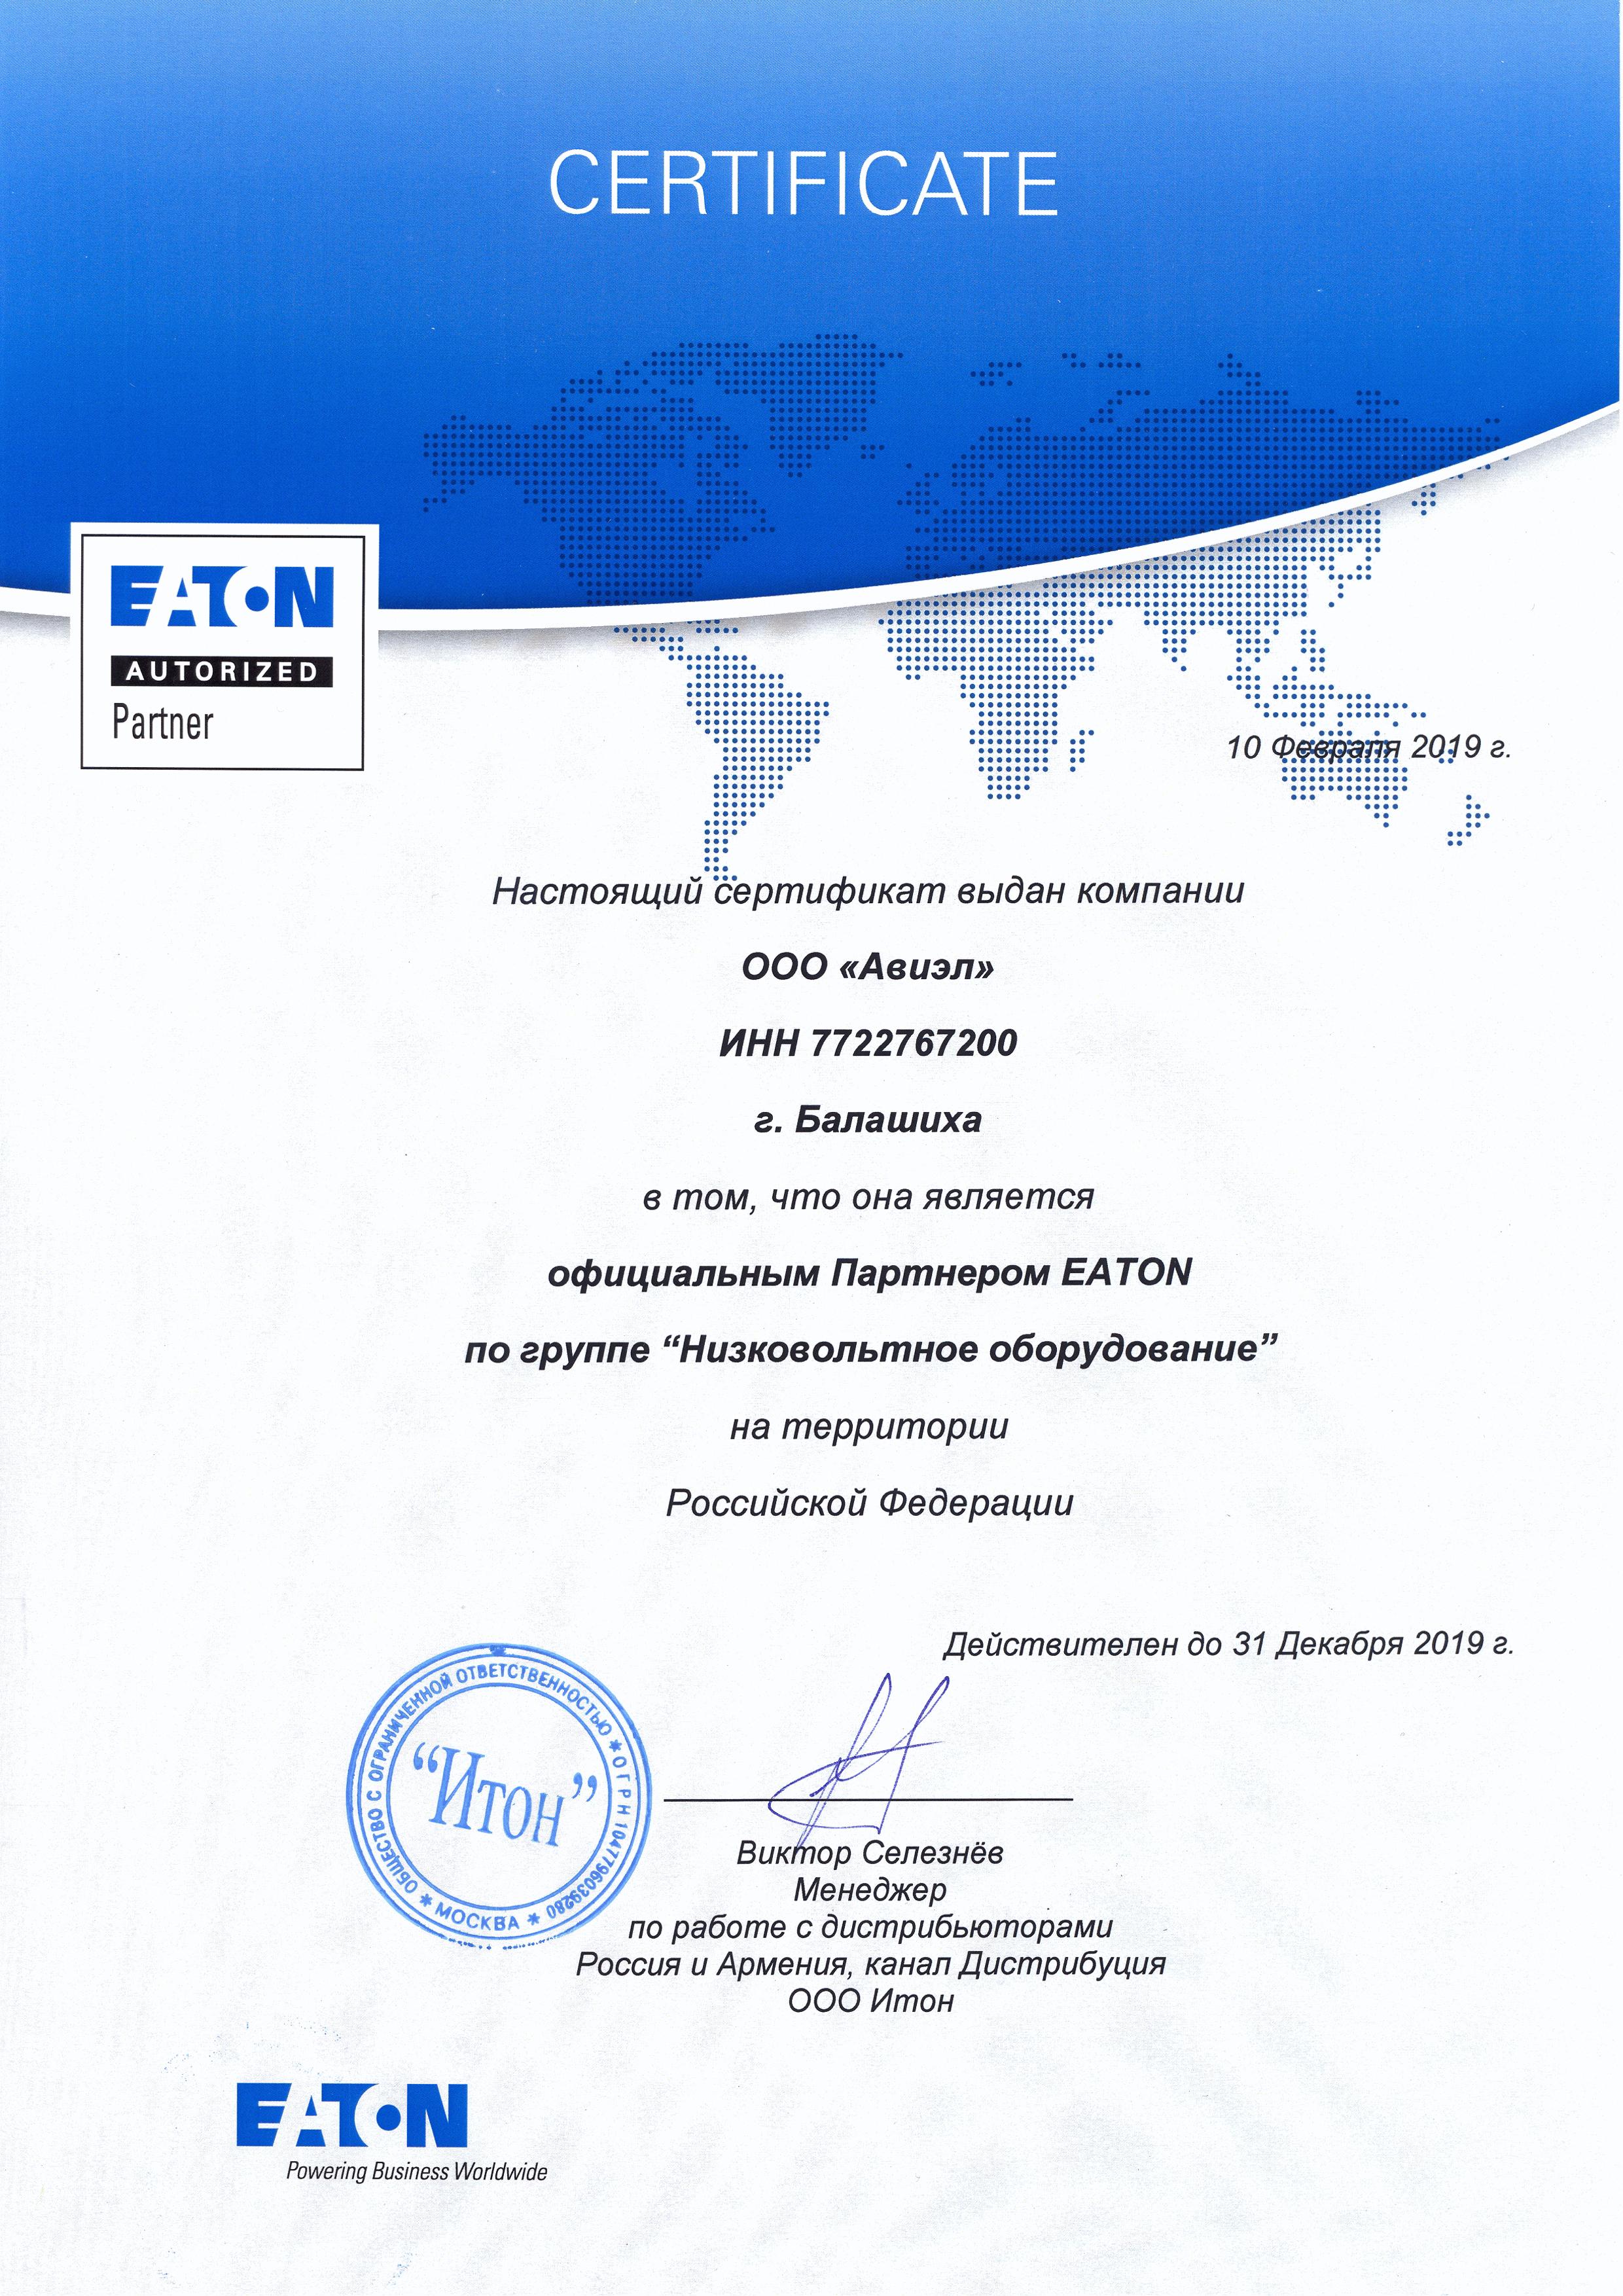 Партнерский сертификат Eaton